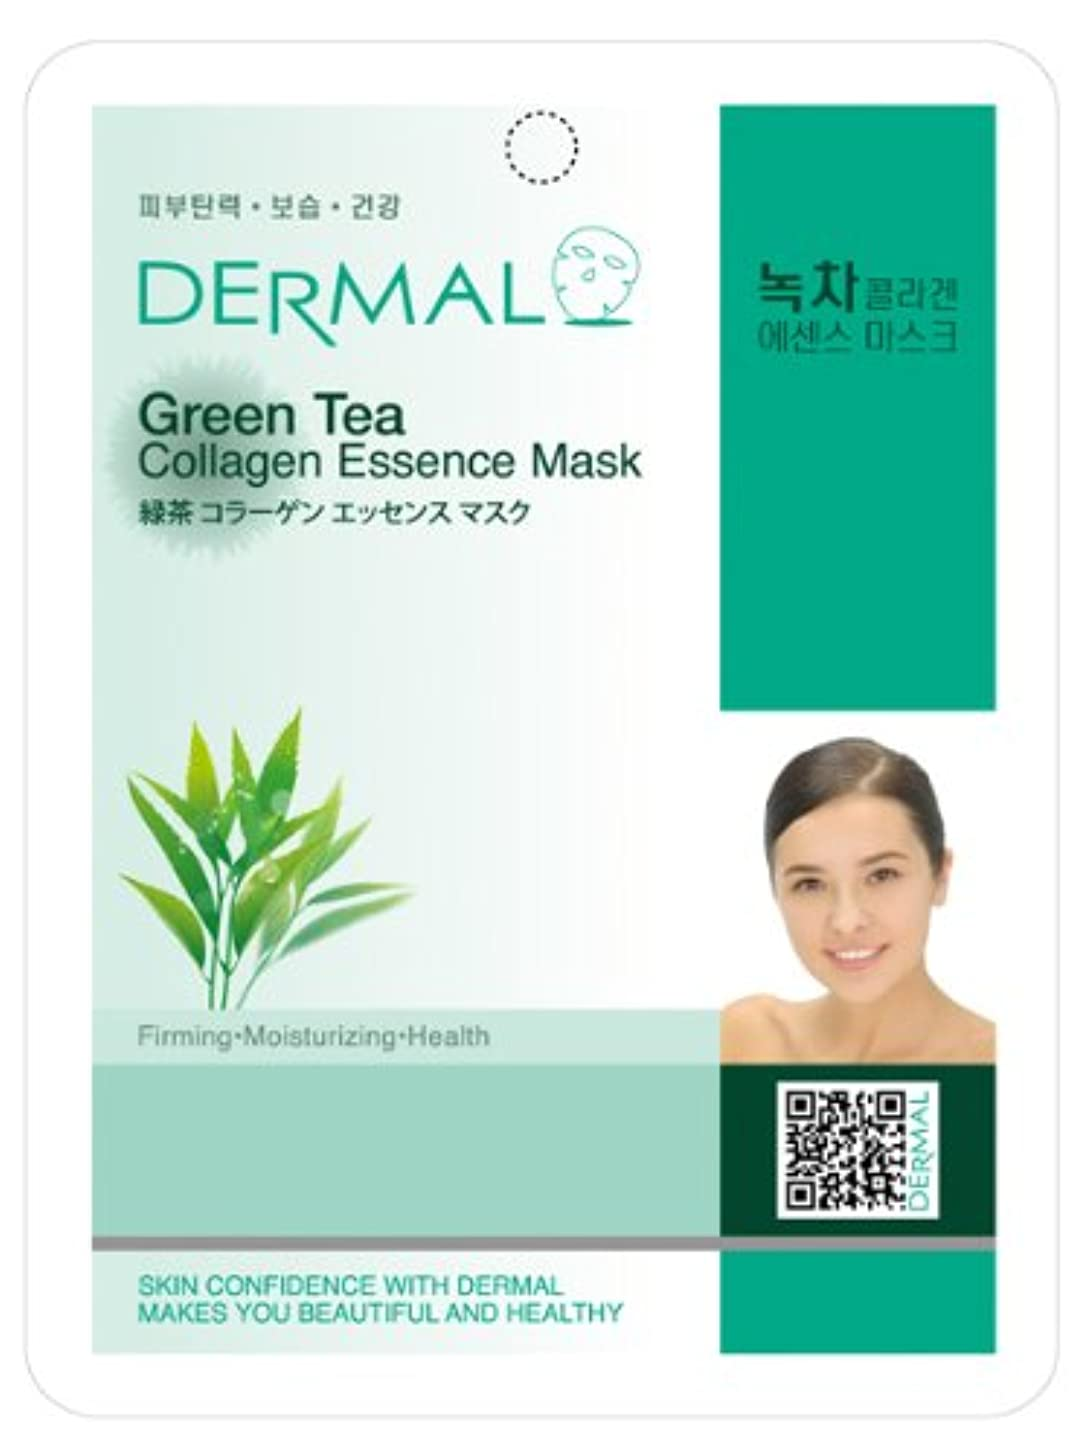 年齢メイド地質学シートマスク 緑茶 10枚セット ダーマル(Dermal) フェイス パック